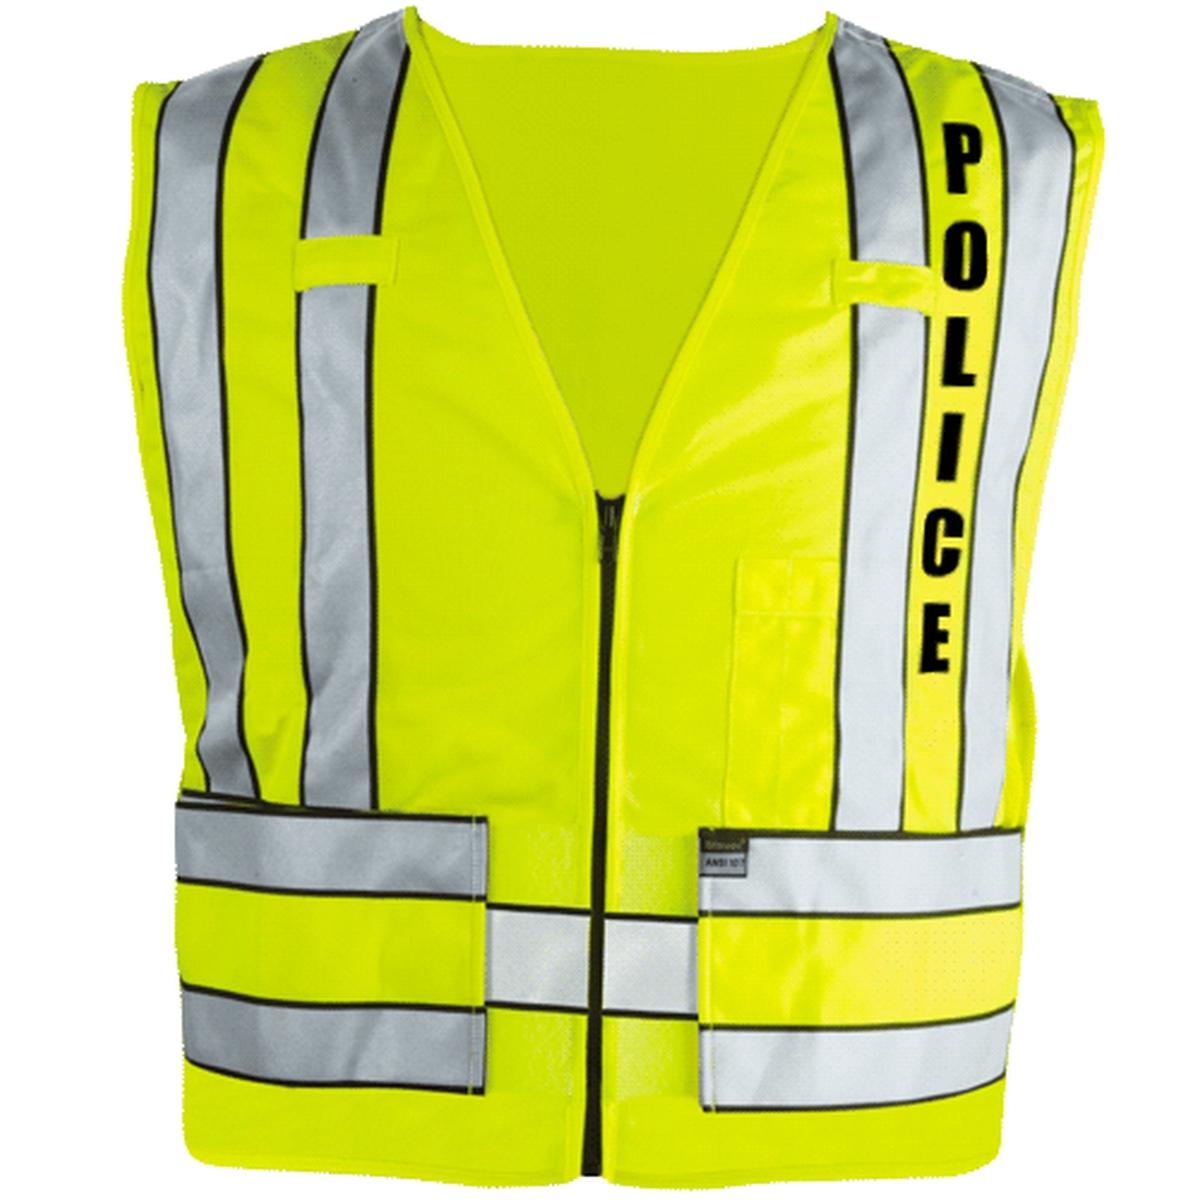 343P Zip-Front Breakaway Safety Vest w/ POLICE Logo-DGGUA